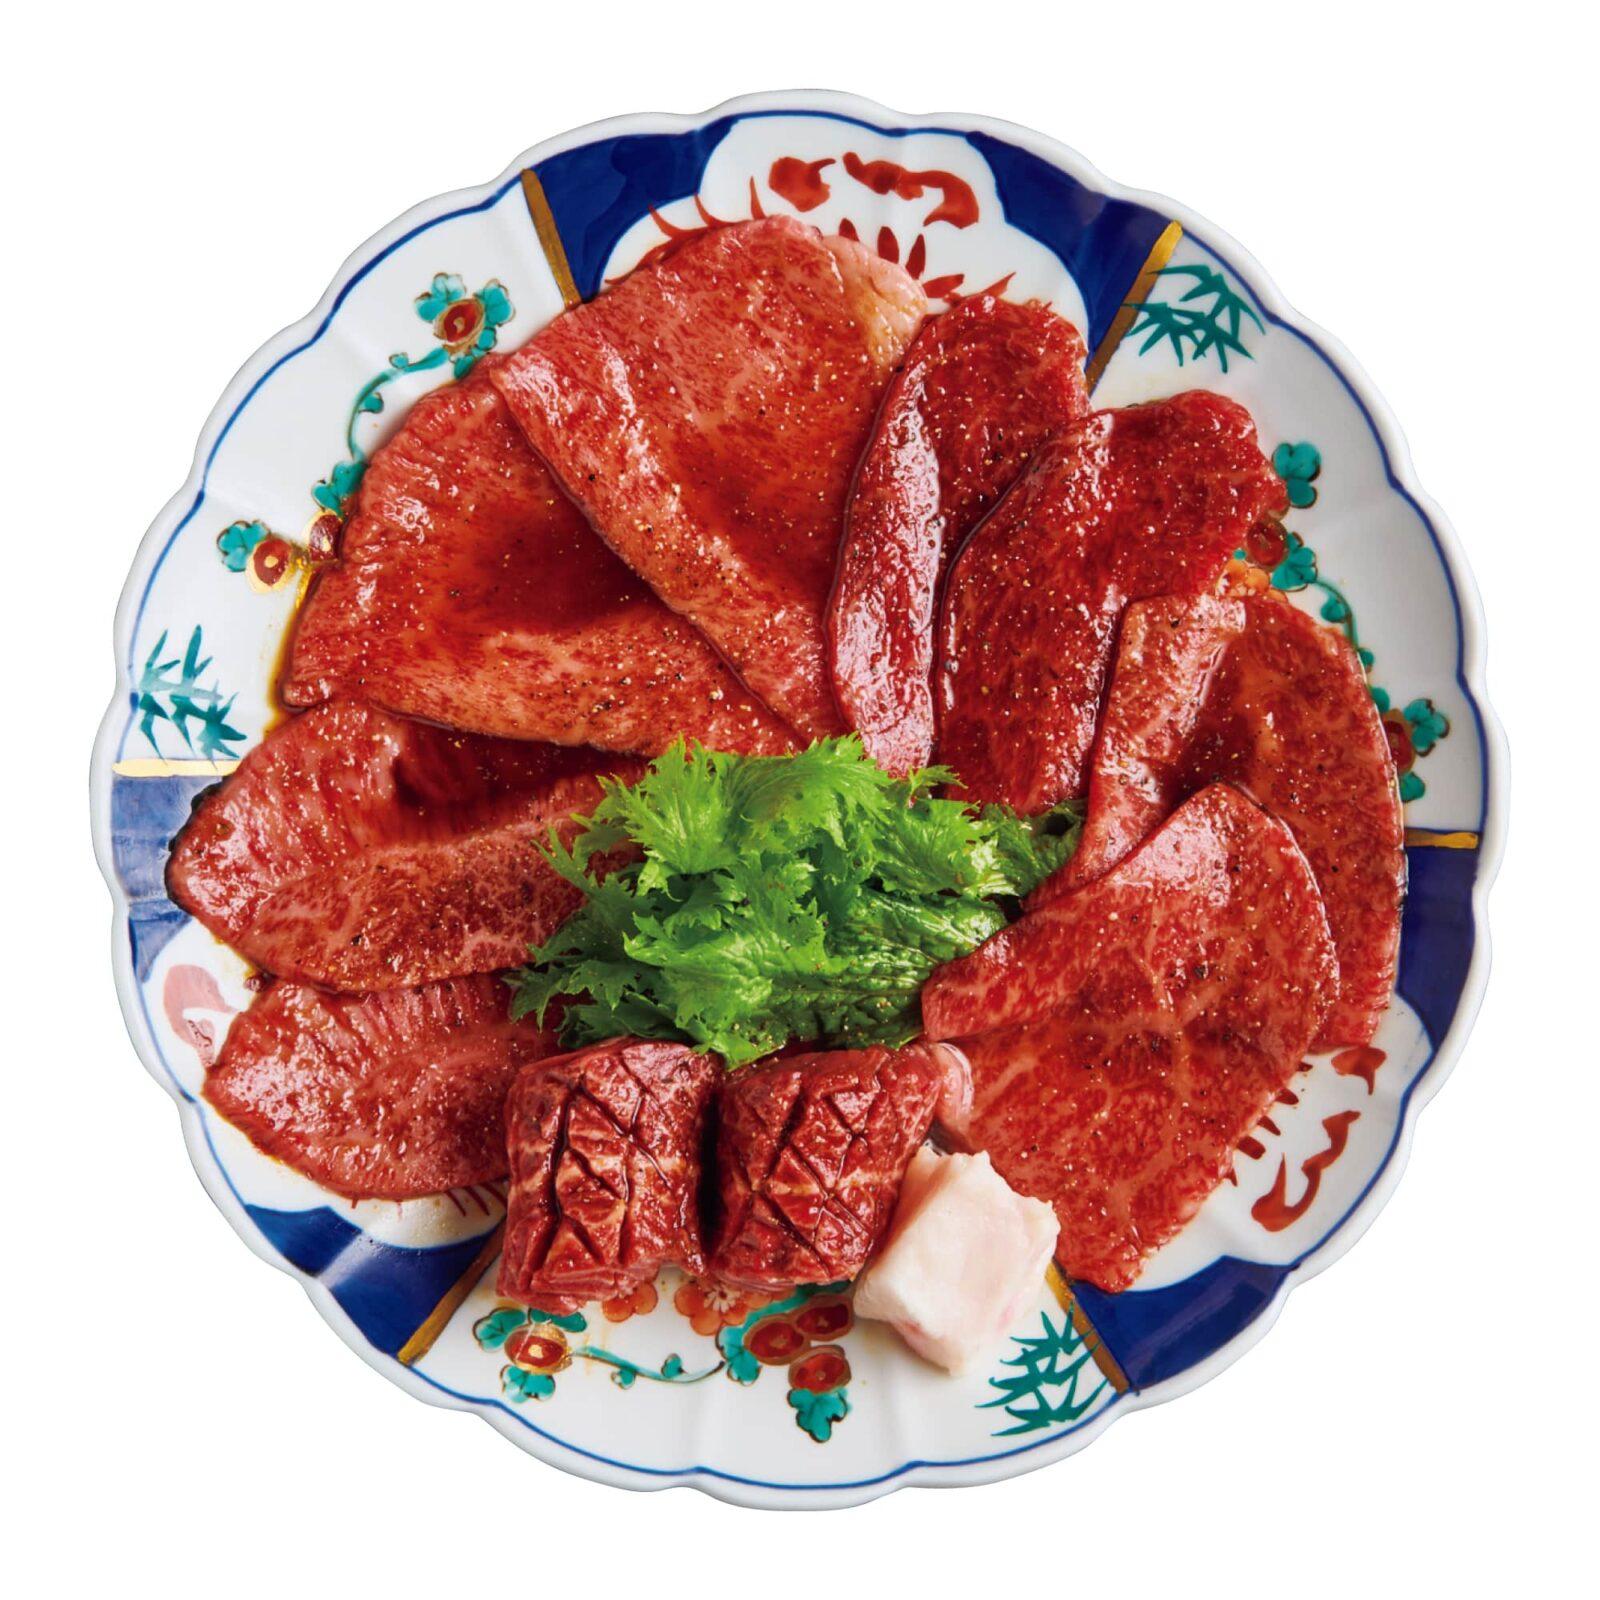 稀少部位の皿(トモサンカク、クリミ、シンシン、サガリ、ミスジ)。